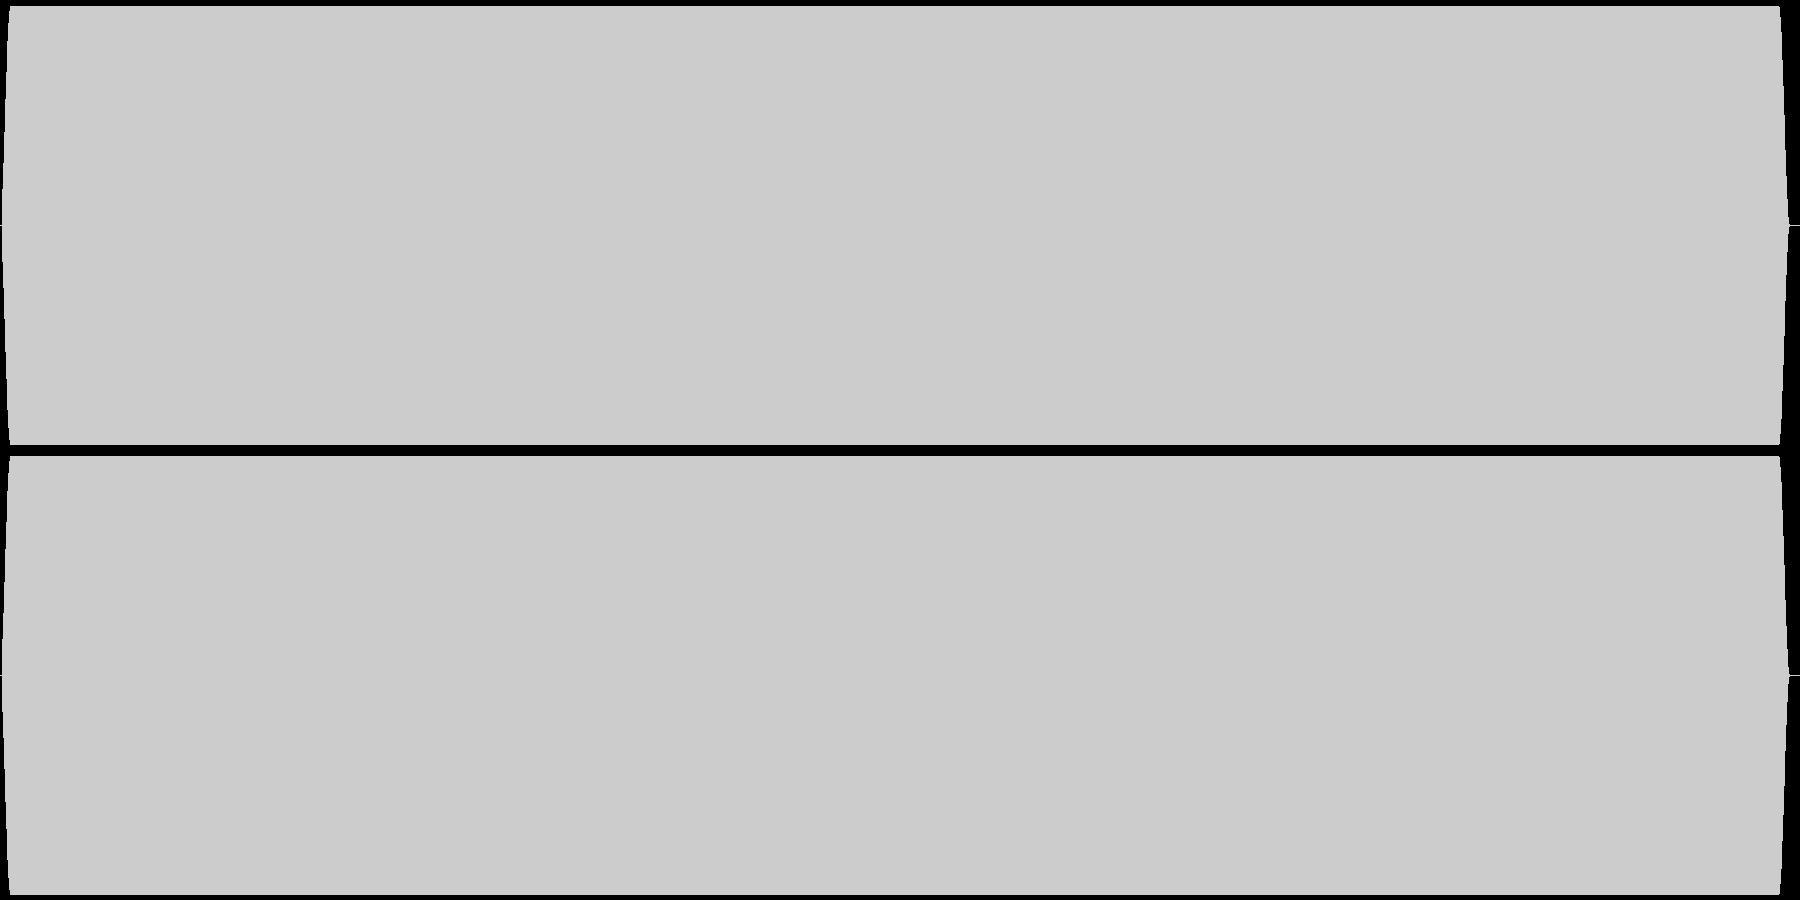 ピー音 自主規制音 (約4秒)の未再生の波形